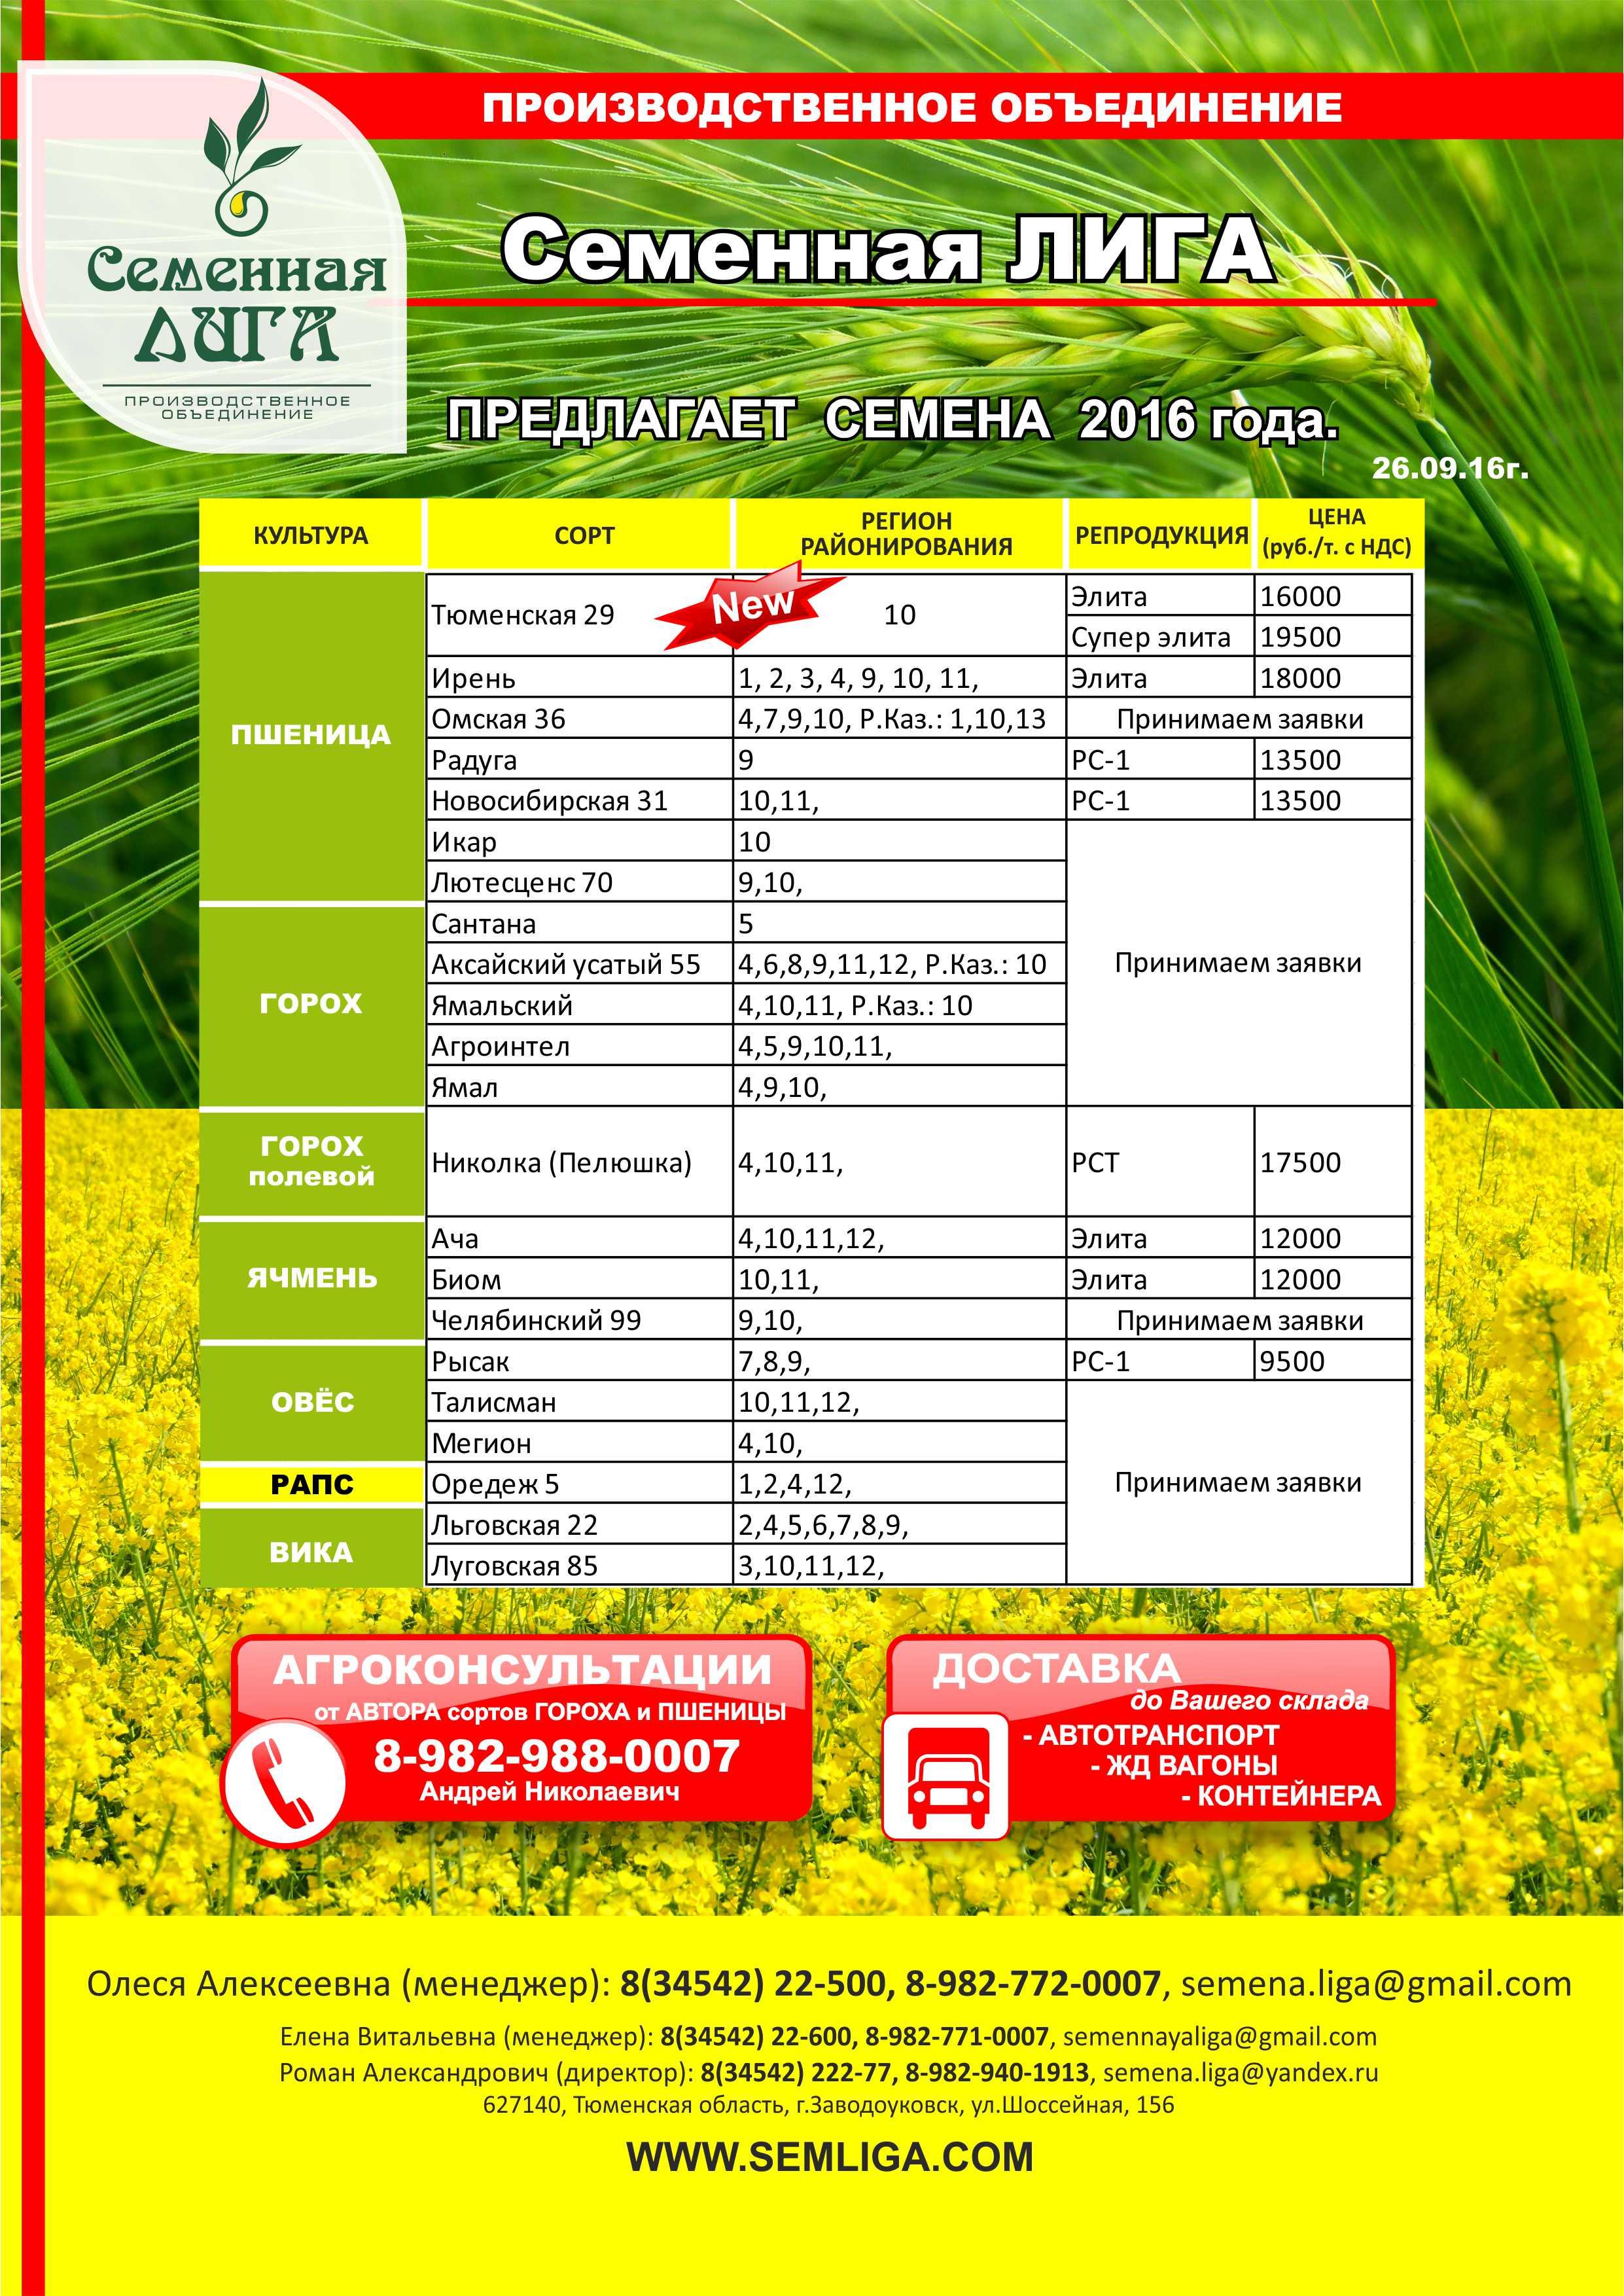 PRAJS-Semennaya-LIGA-26.09.2016-O9